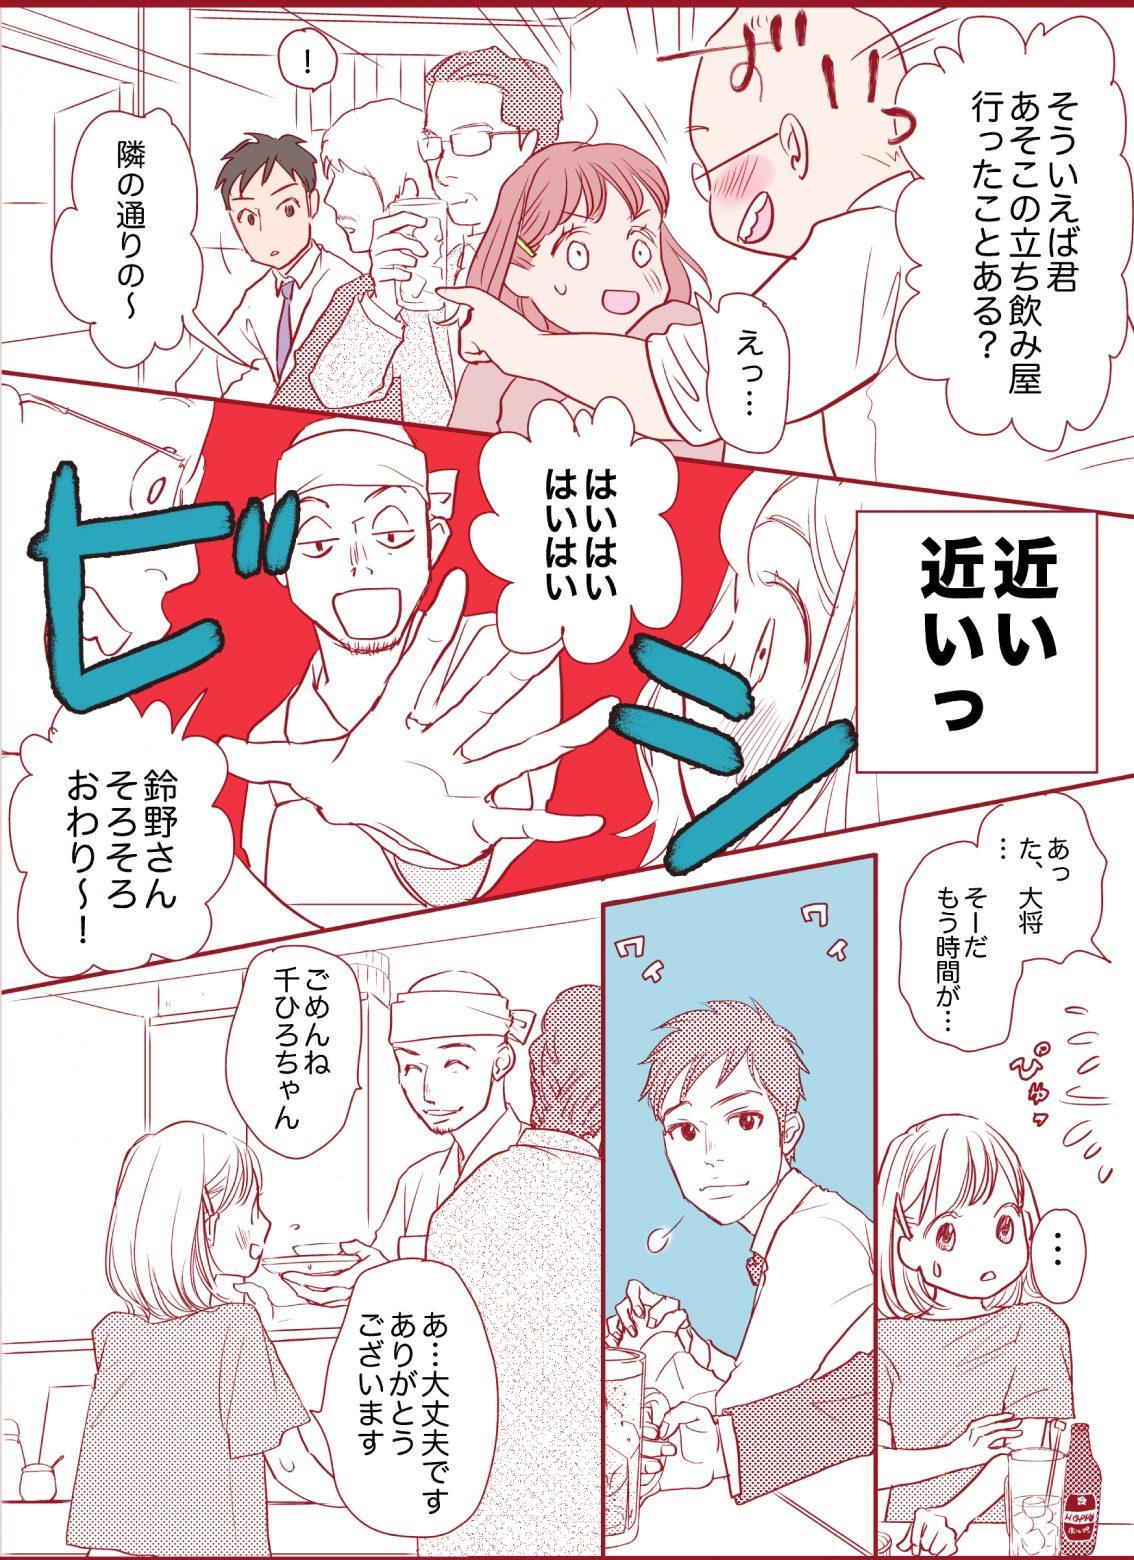 漫画「よりみち のんべろさん」4話